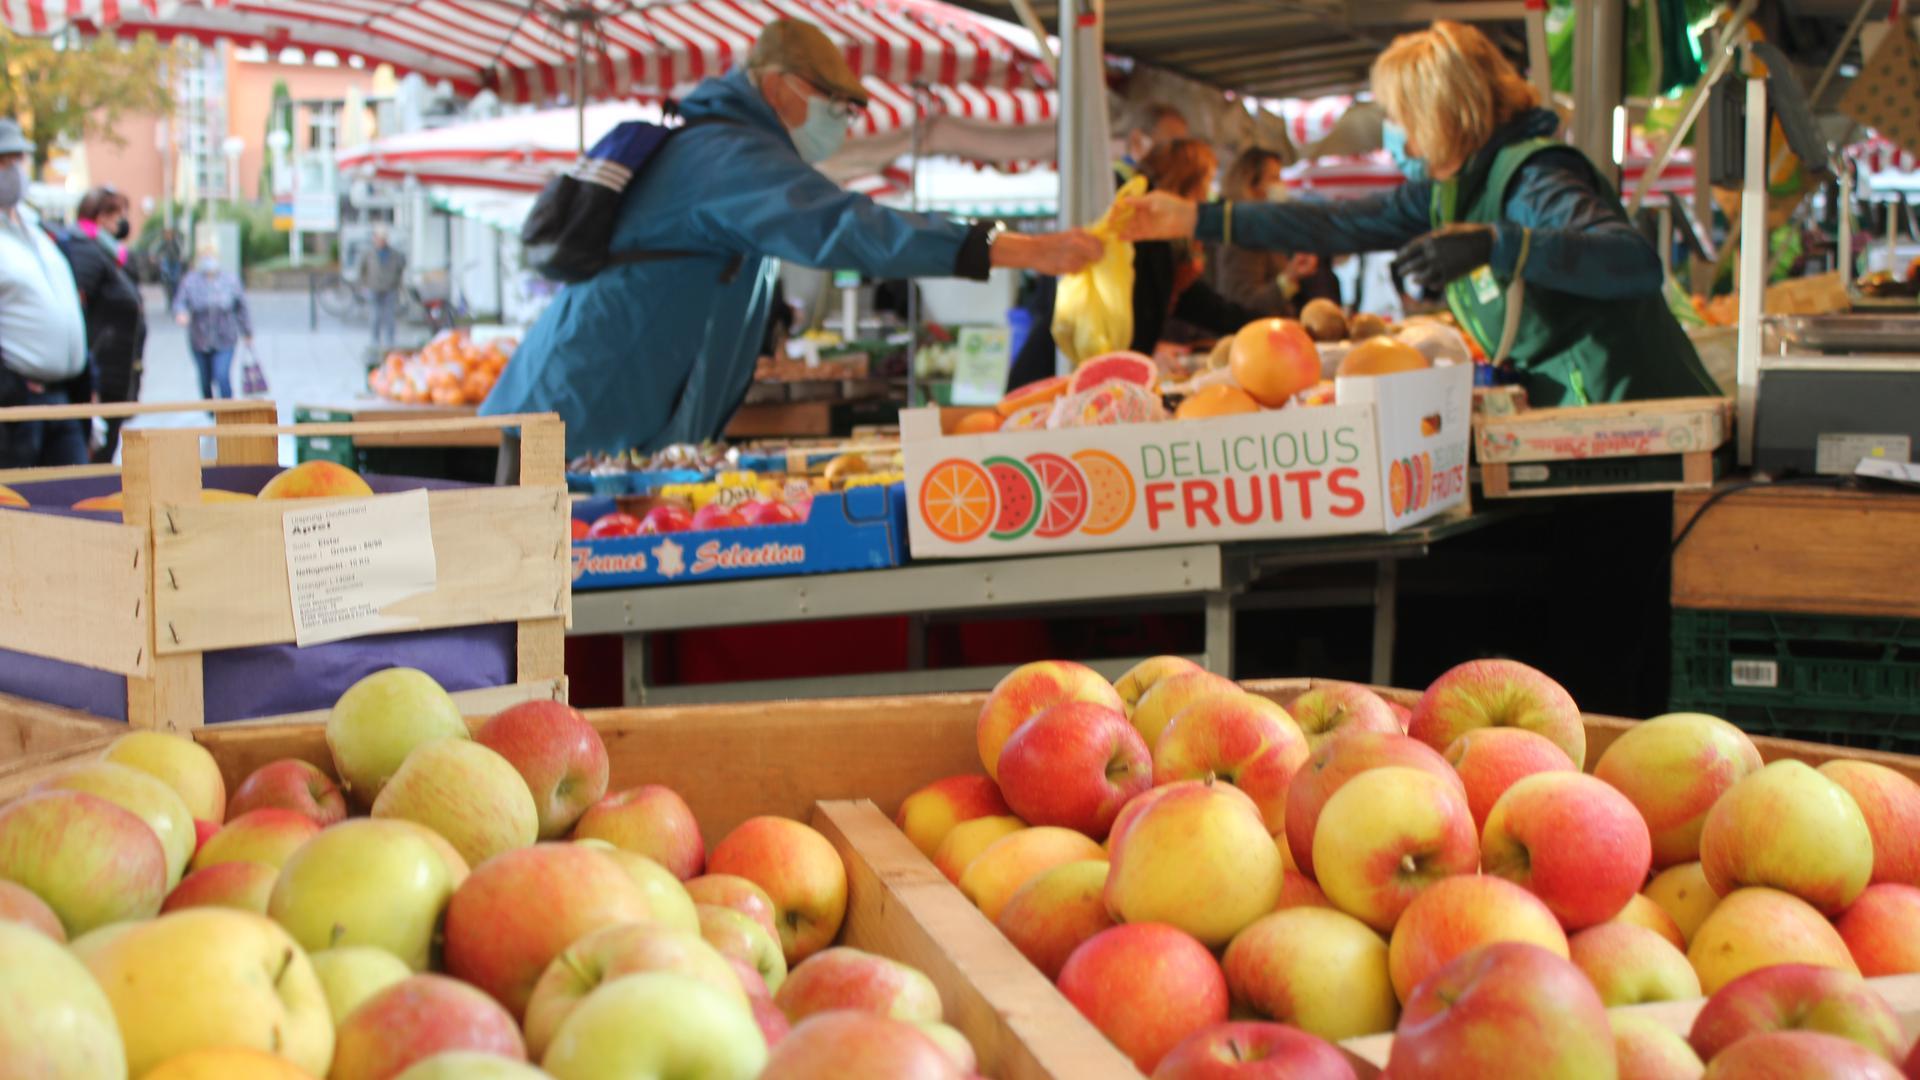 Eine Händlerin auf dem Bruchsaler Wochenmarkt reicht einem Kunden eine Tüte mit Obst und Gemüse.